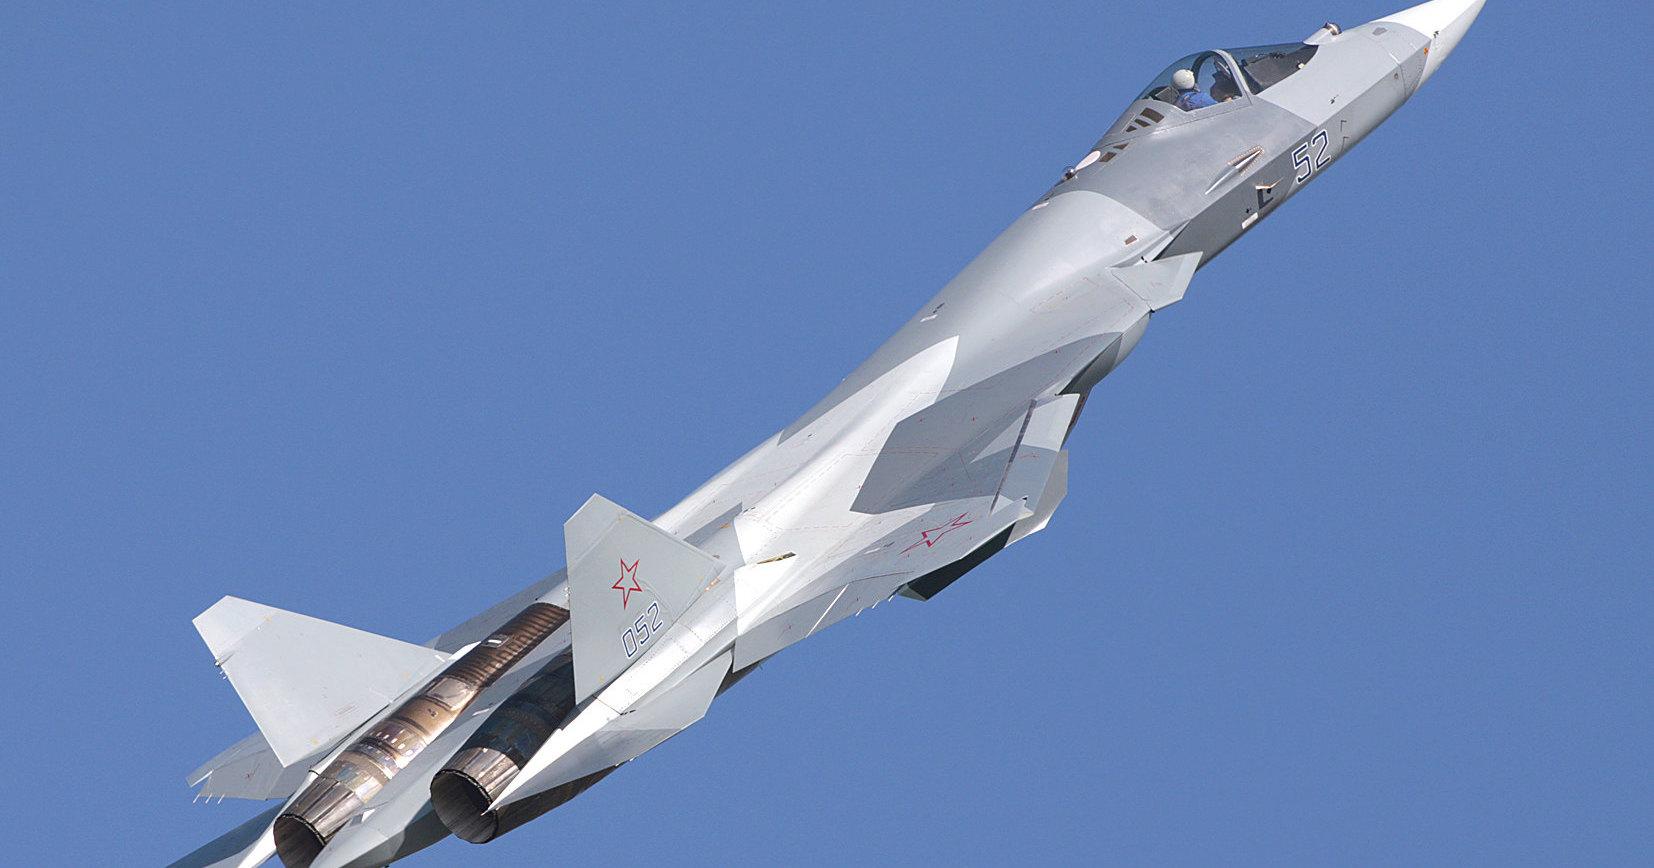 Двигатели для Су-57 разрабатывают в виртуальной реальности